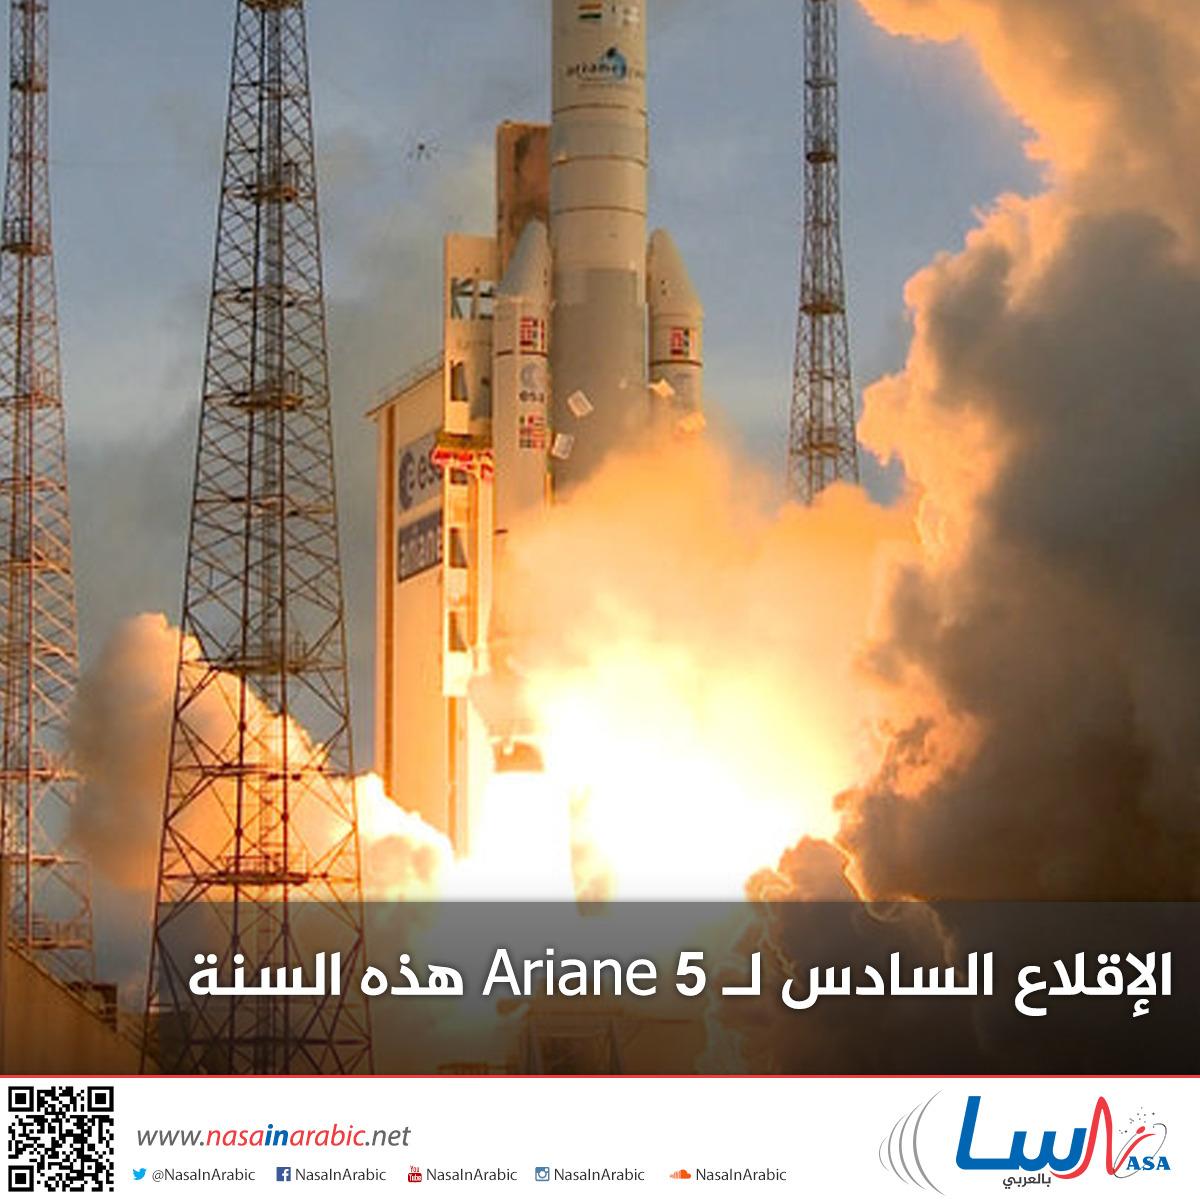 الإقلاع السادس لـ Ariane 5 هذه السنة